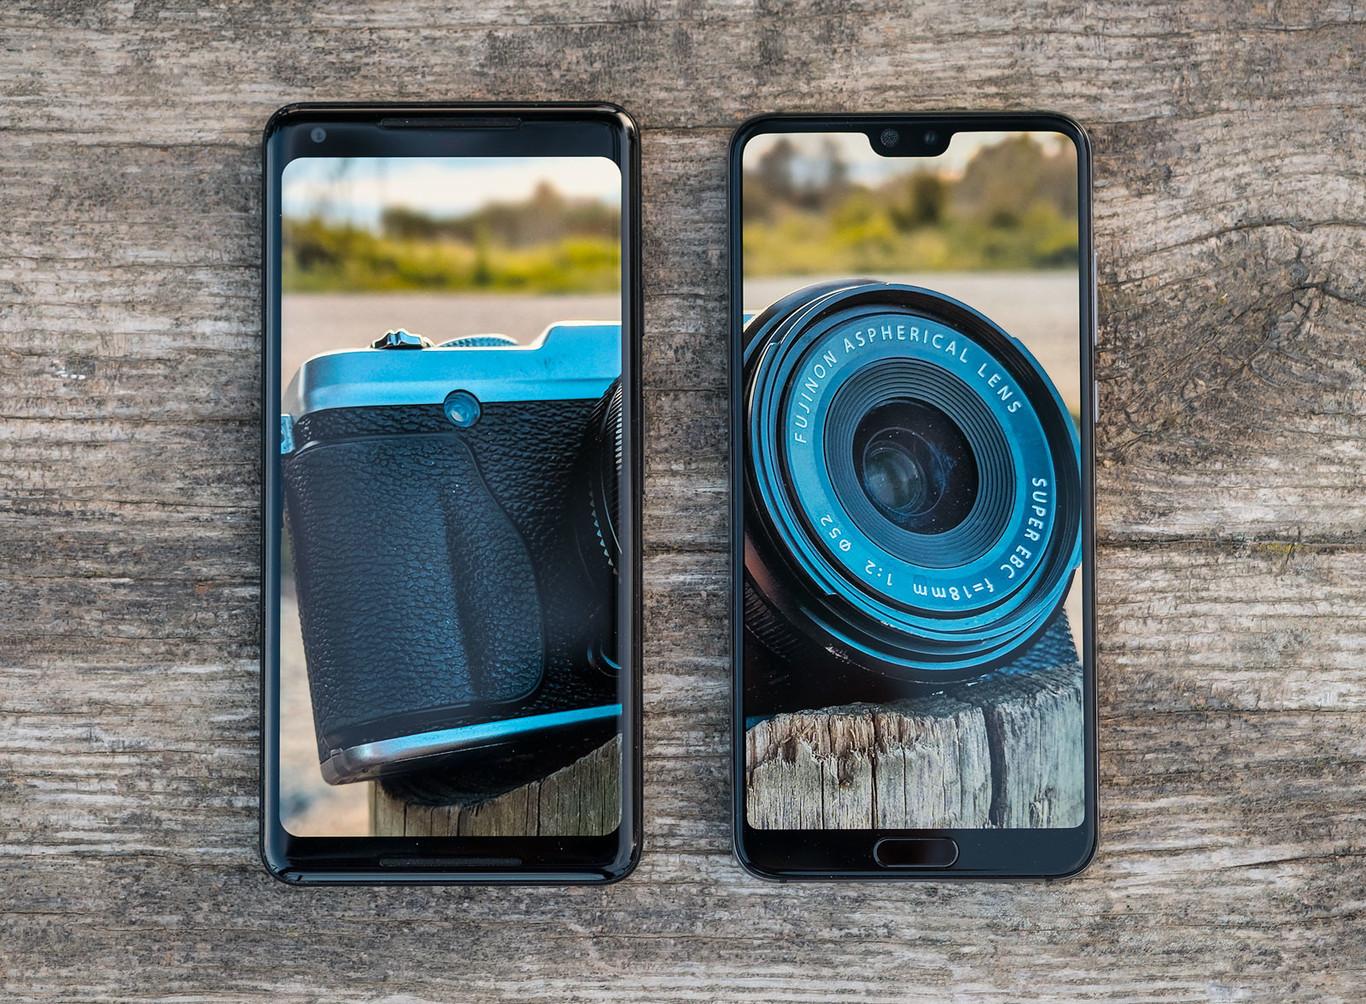 La metalista de listas de consejos para fotografía móvil